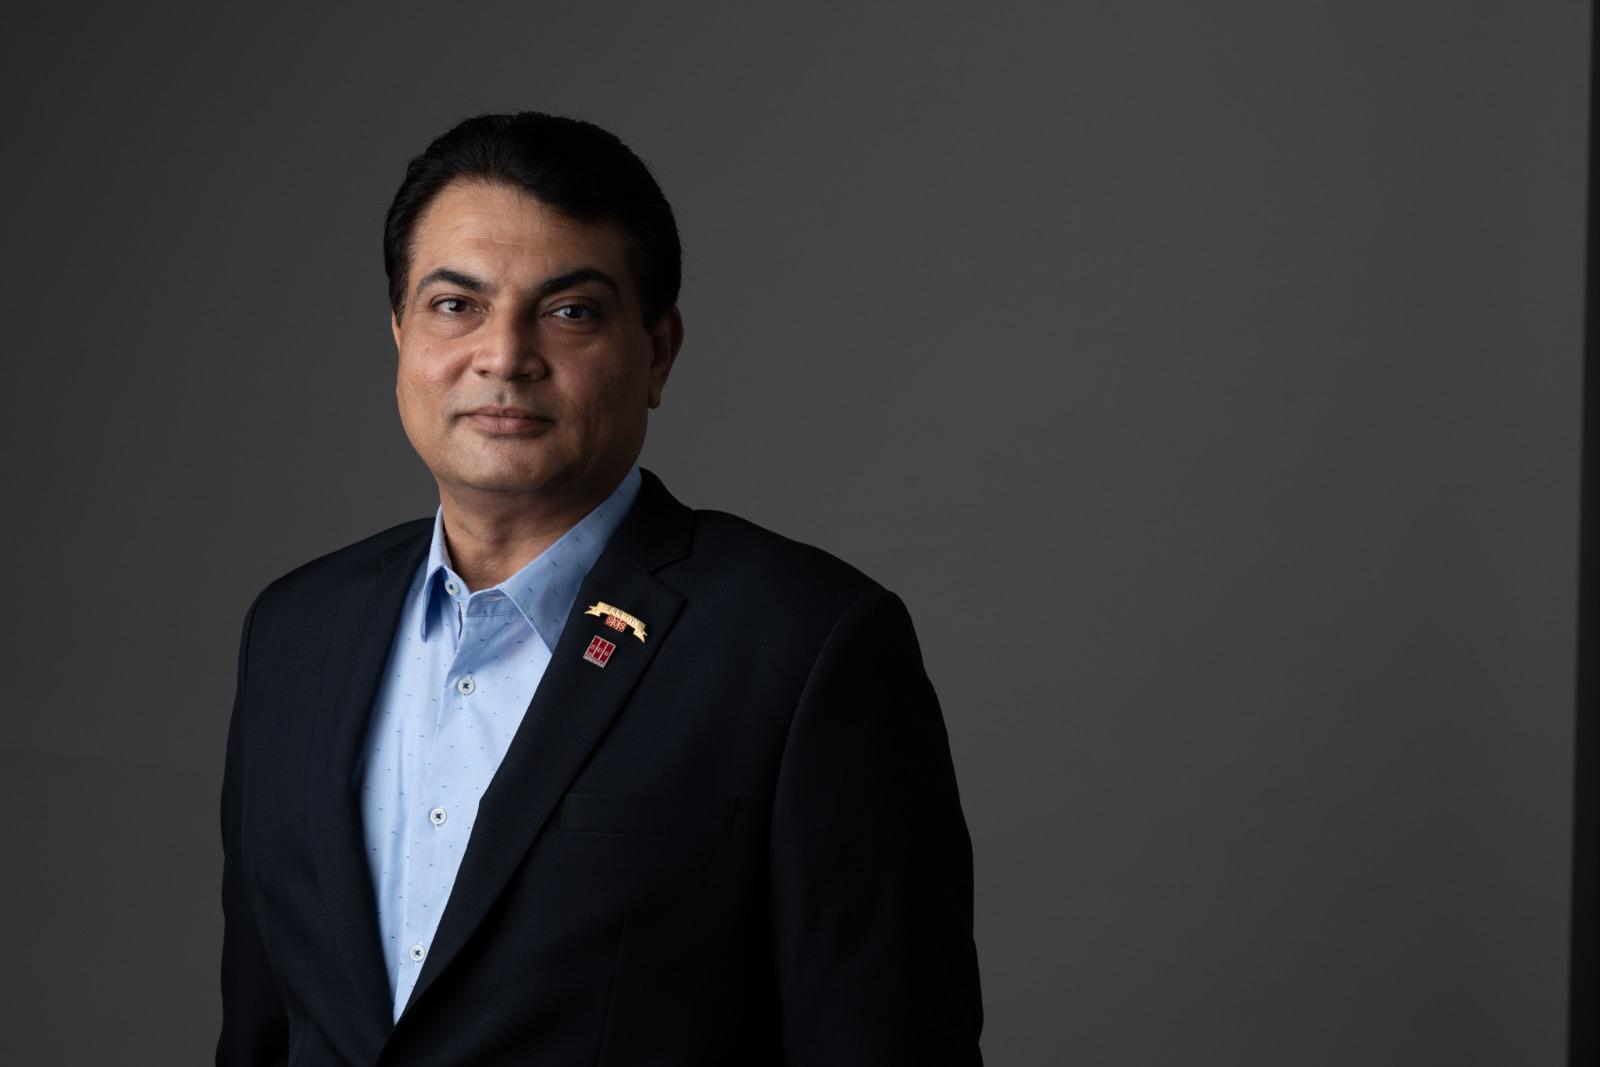 Rajesh R. Shah